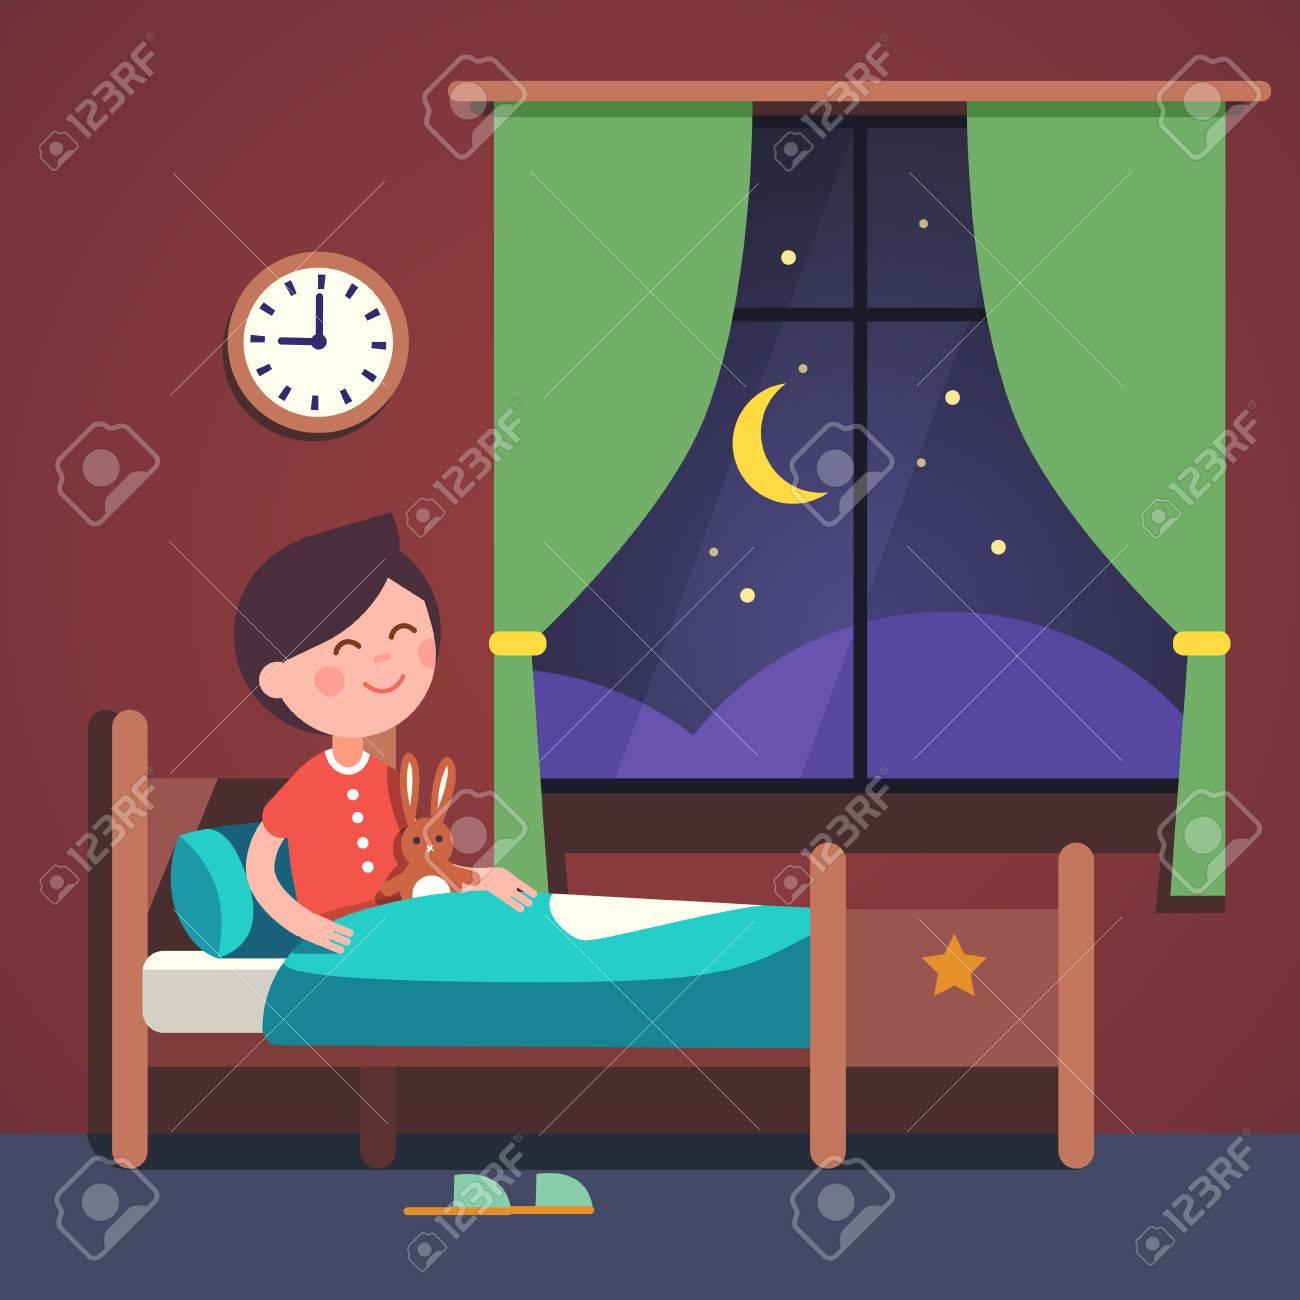 Boy kid preparing to sleep bedtime in his bedroom bed. Good night...